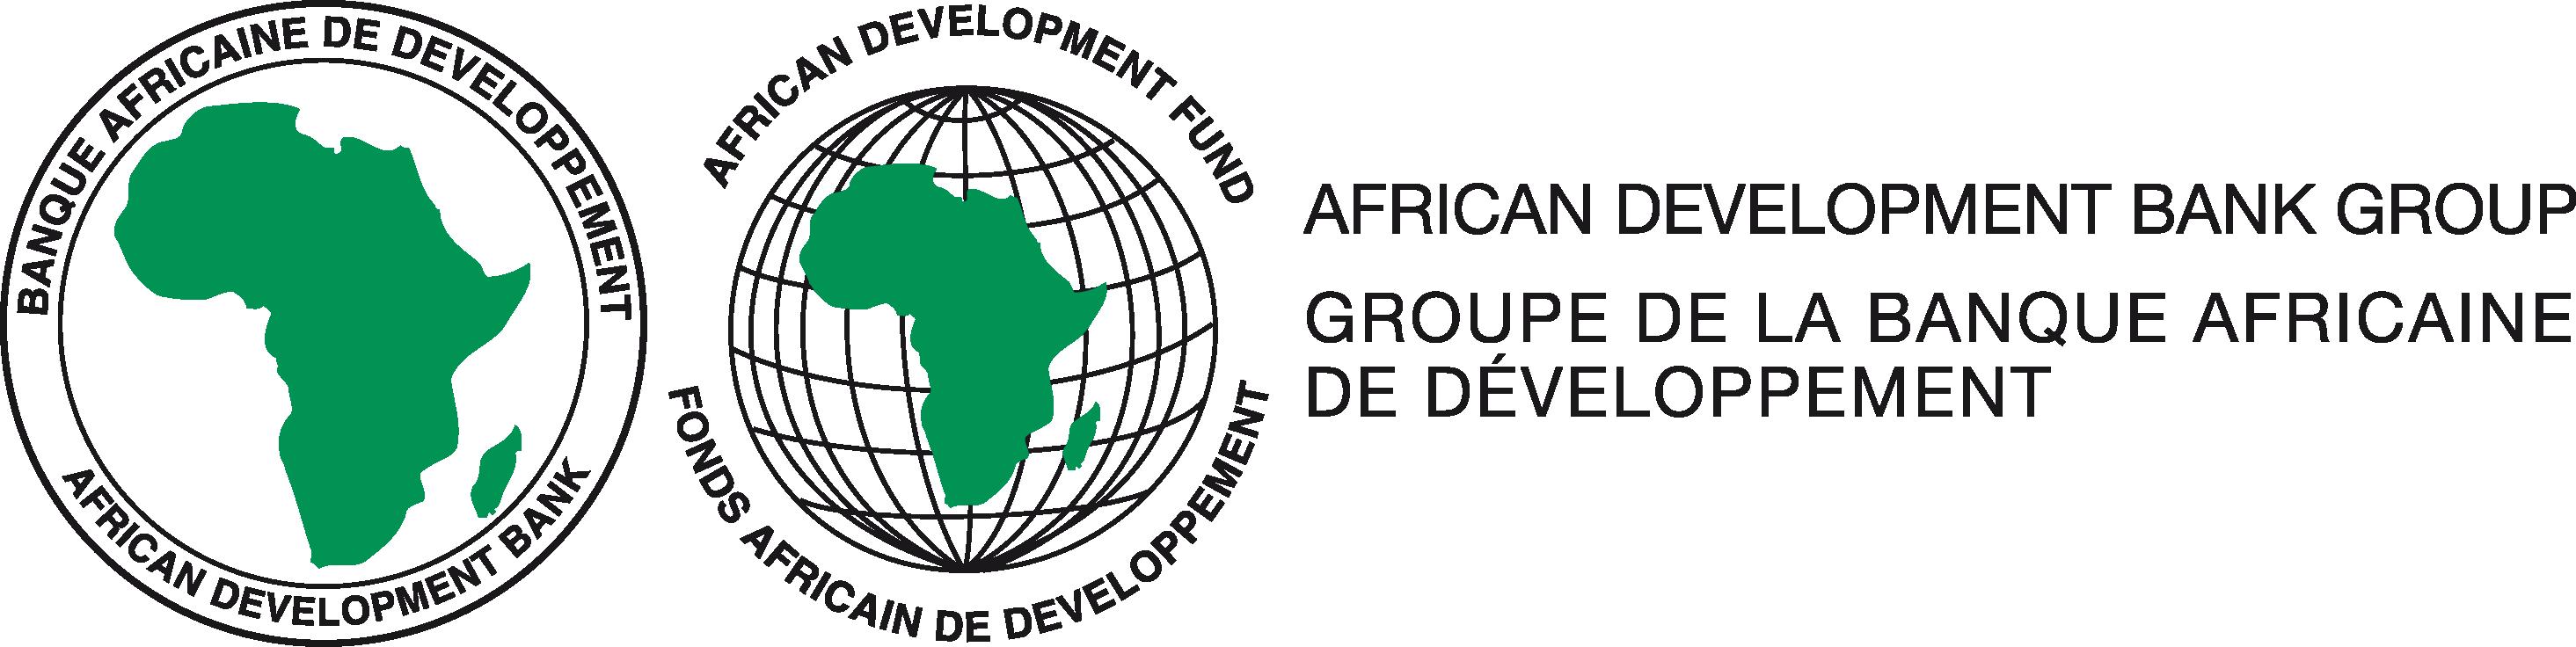 banque-africaine-de-developpement